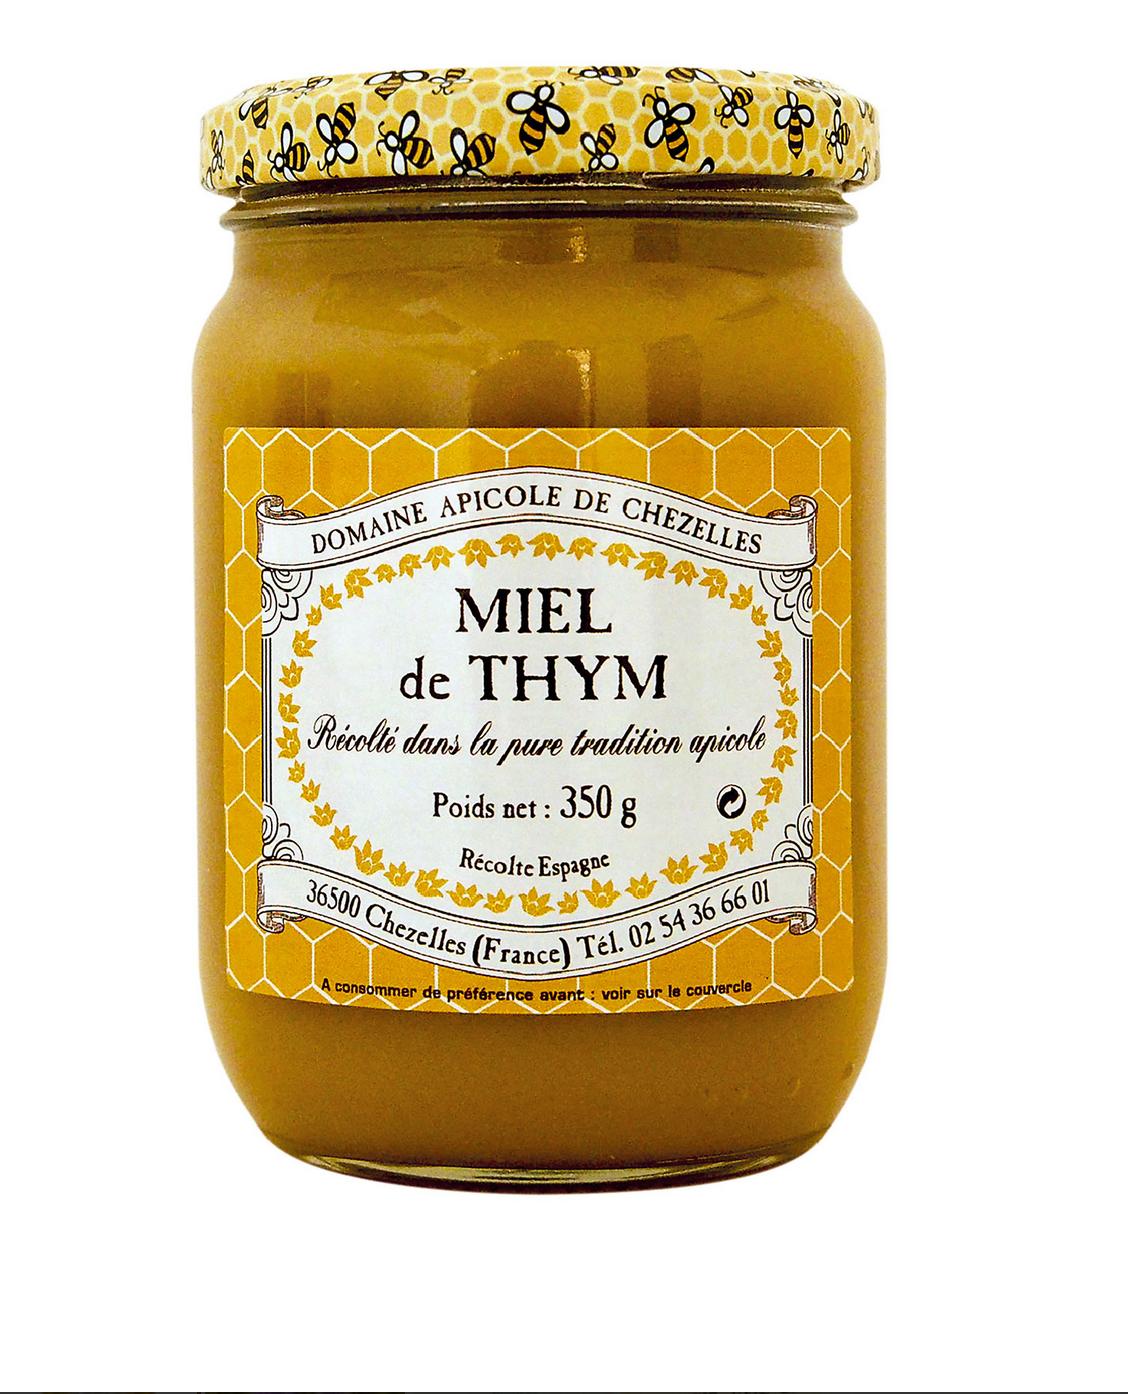 miel de thym maison